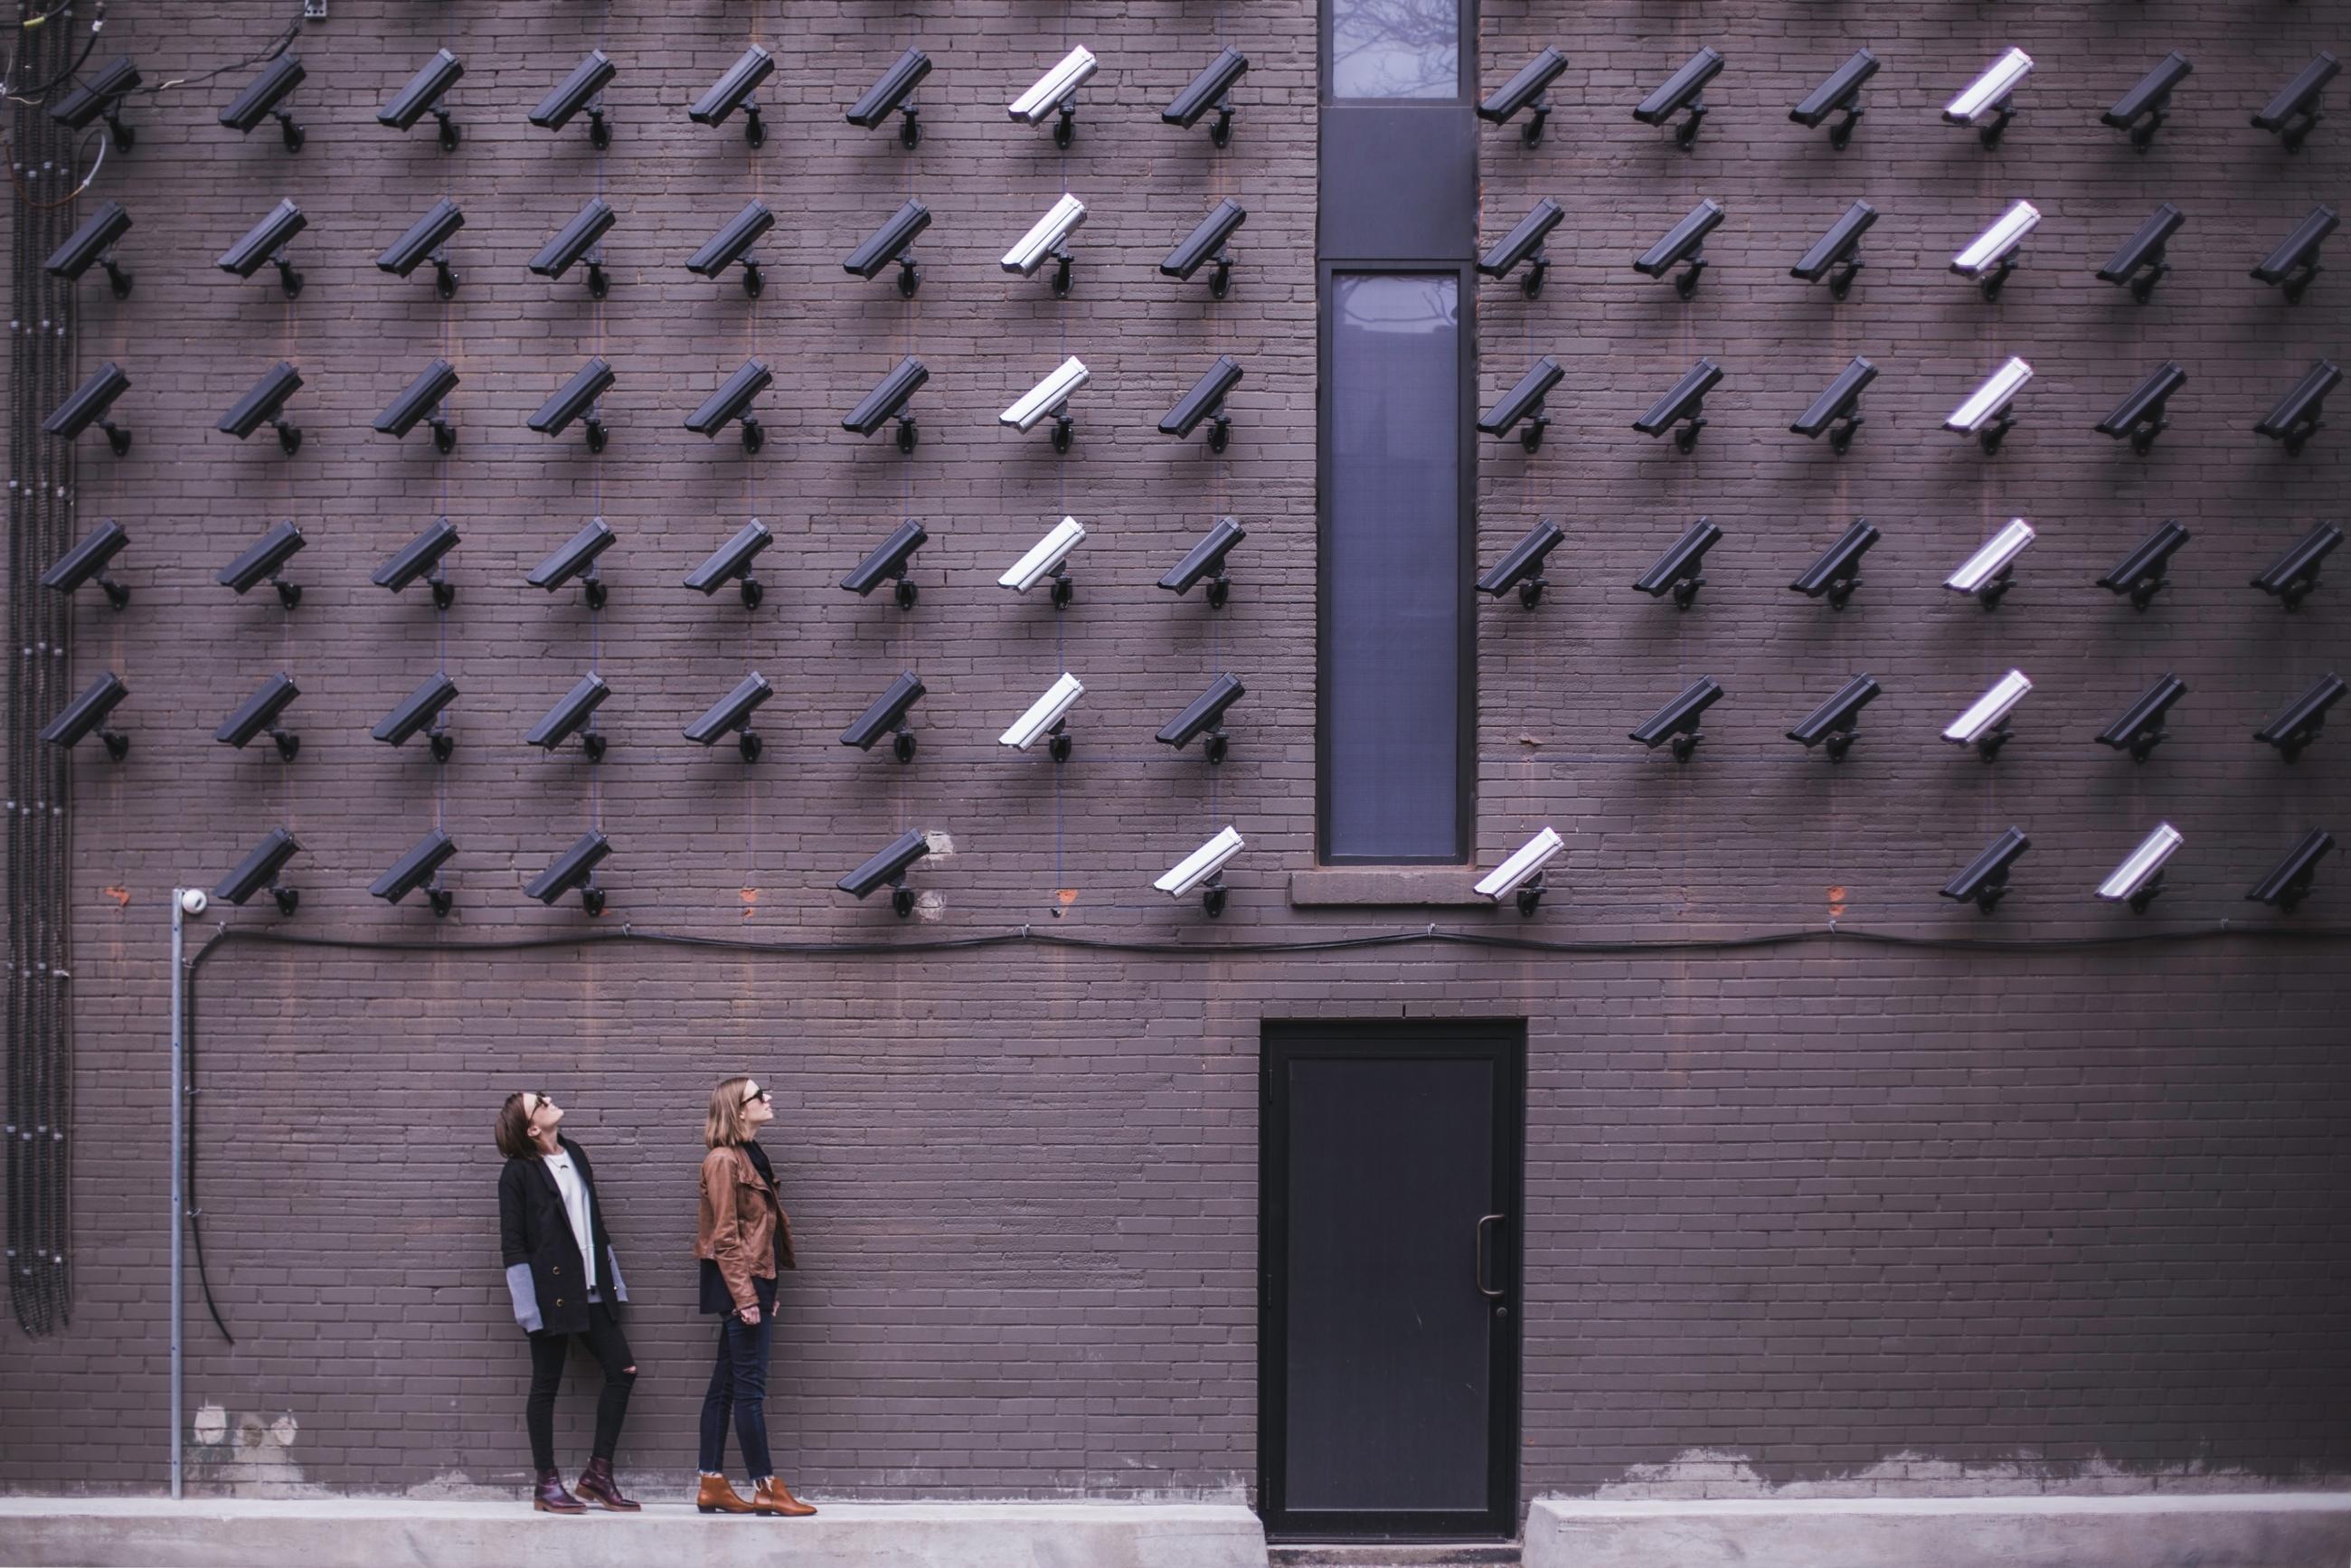 Hr tipps Arbeitsrecht Überwachung am Arbeitsplatz